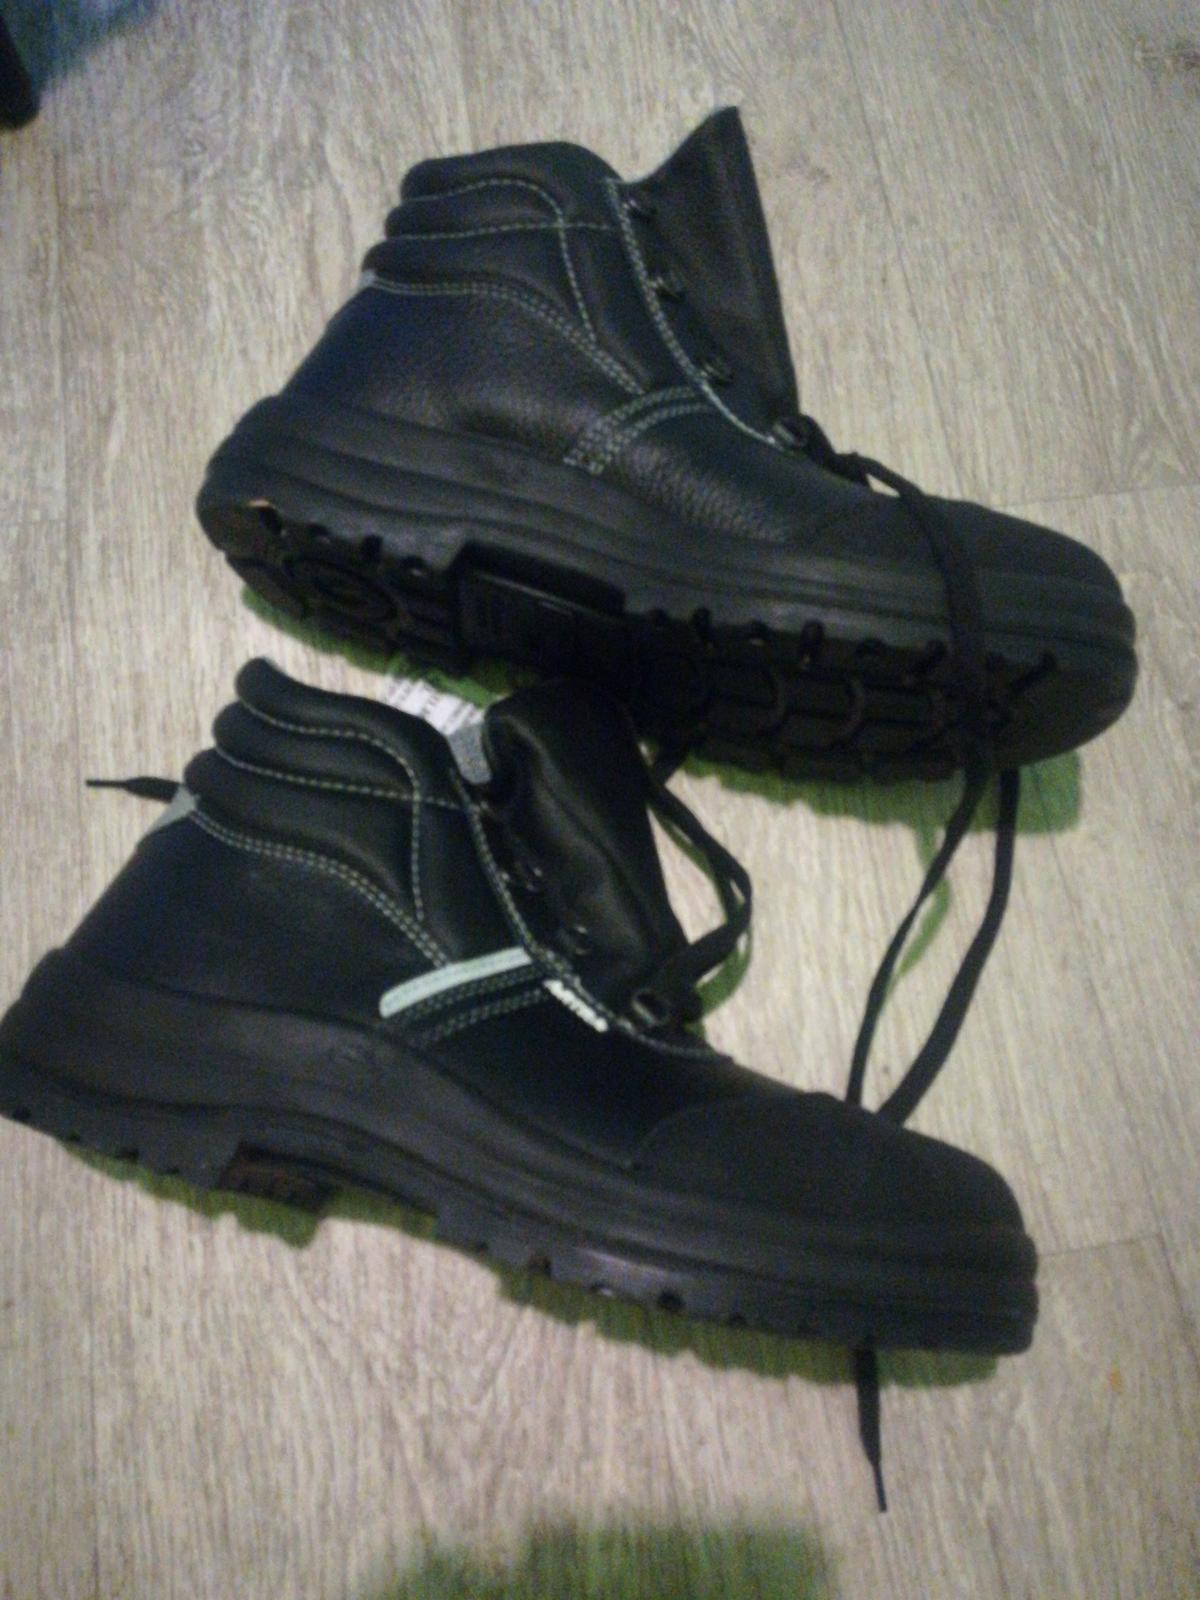 Pracovná obuv veľkosť 41 oceľová špička - Obrázok č. 2